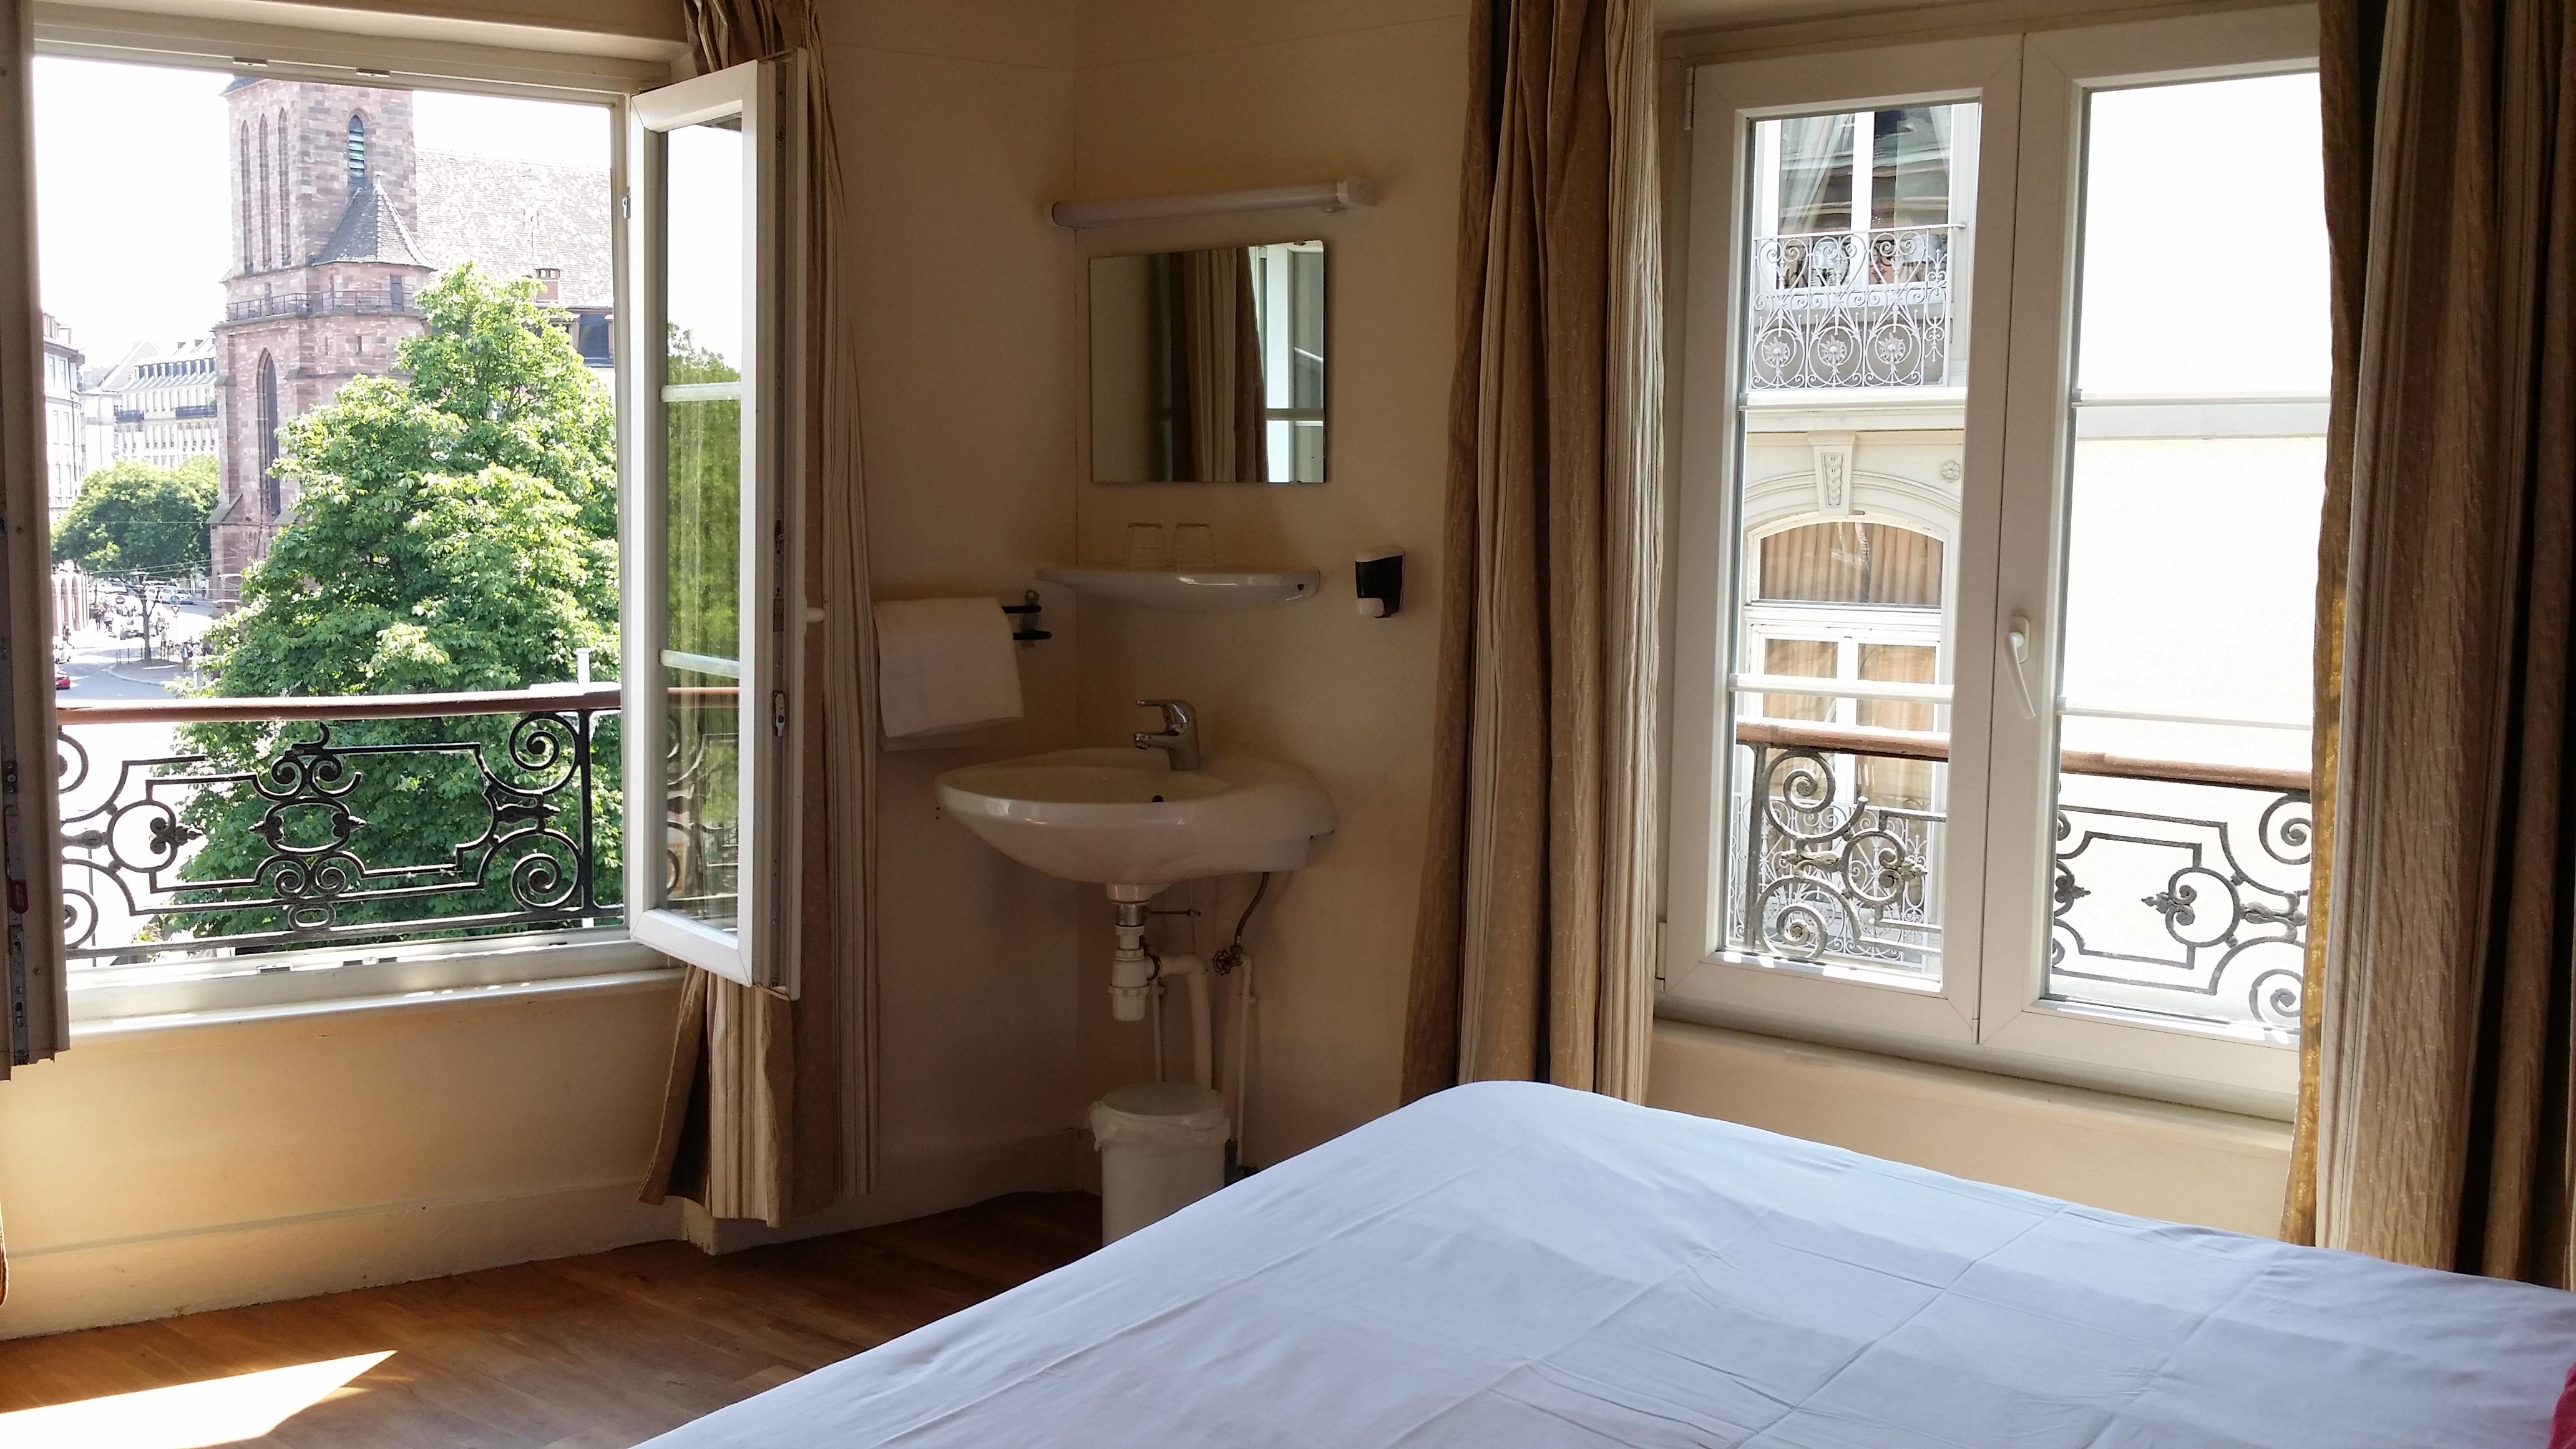 Hotels strasbourg il y a 133 r sultats pour votre for Recherche hotel